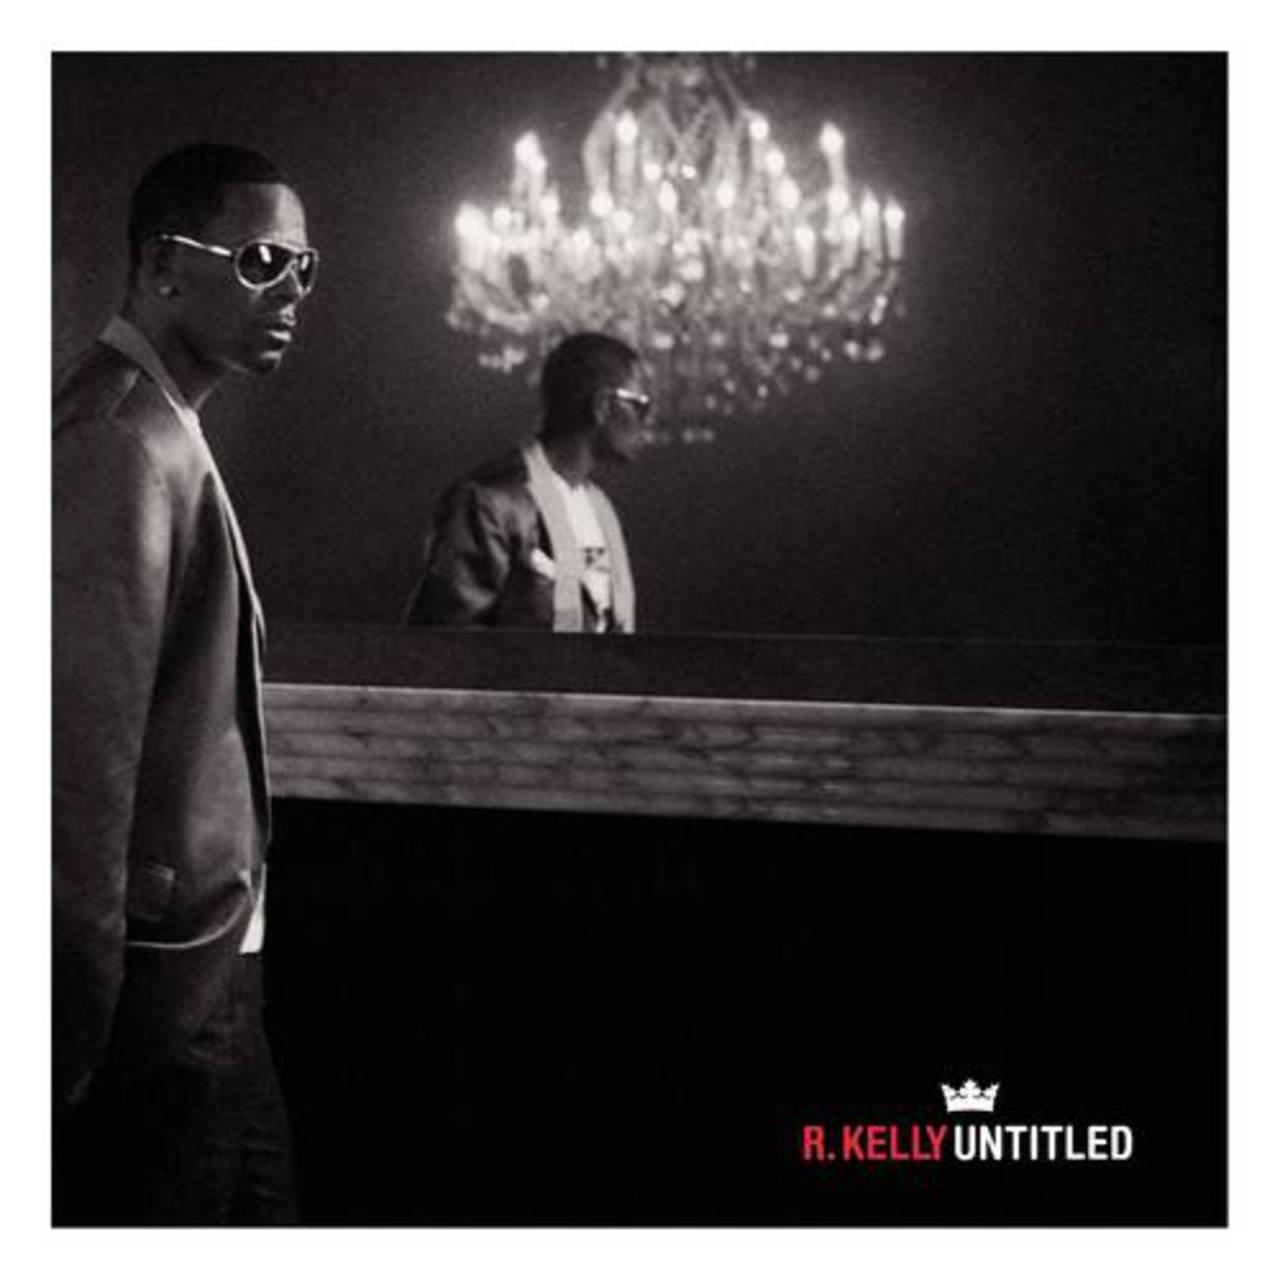 R. Kelly - Untitled